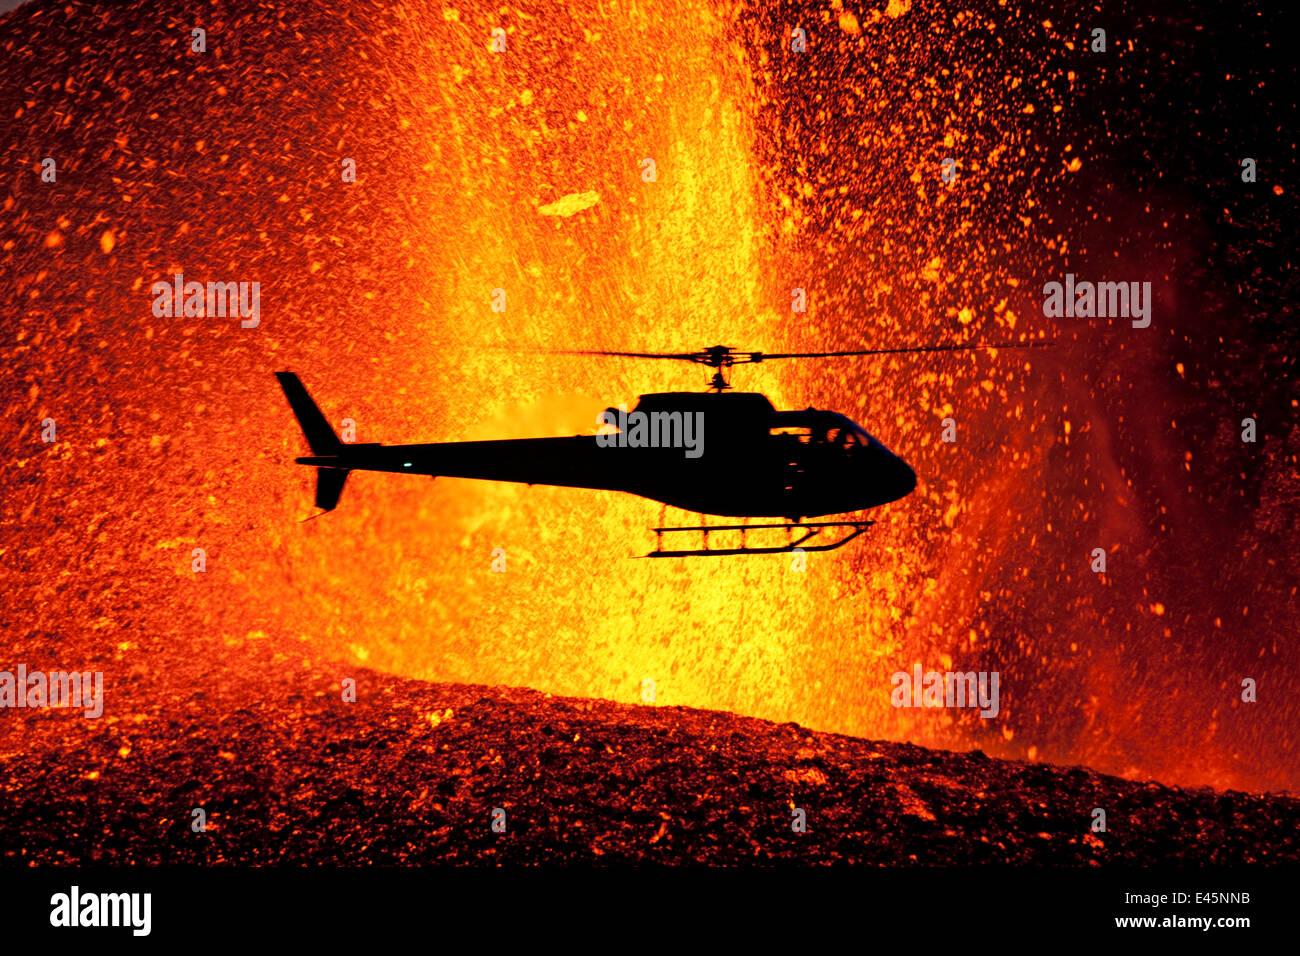 Elicottero sorvolano eruzione vulcanica vicino ghiacciaio Eyjafjallajoekull, Islanda, 24 marzo 2010. Vulcano dormiente Immagini Stock